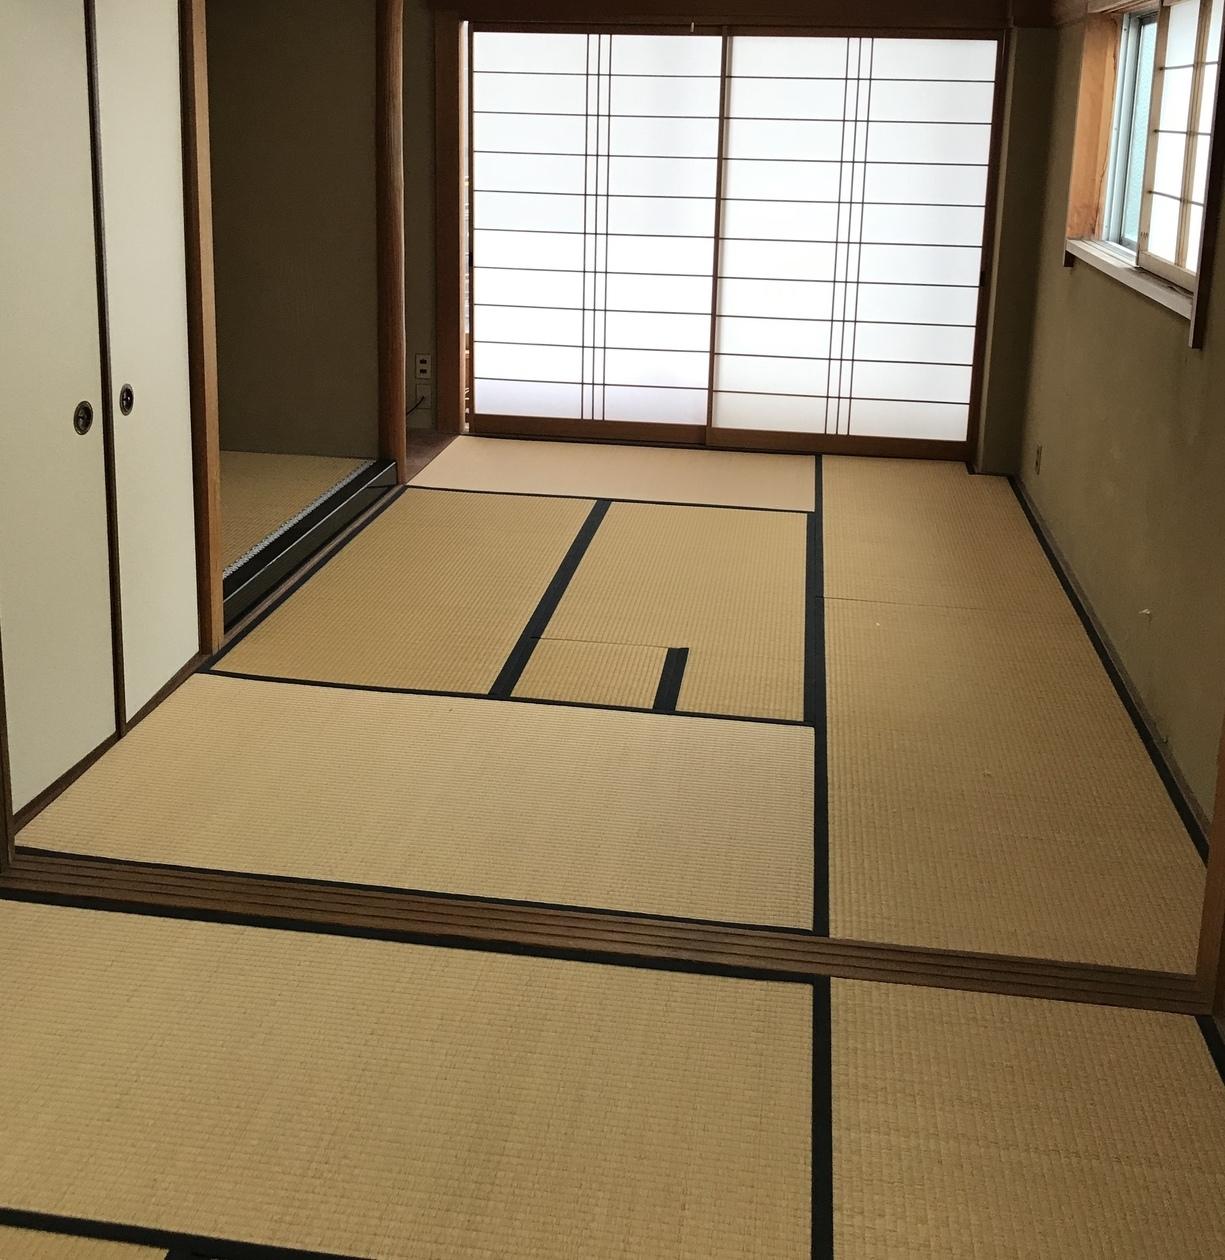 【京都・烏丸・河原町】kolmeビル3F和室フリールーム(kolmeビル3F和室10畳) の写真0